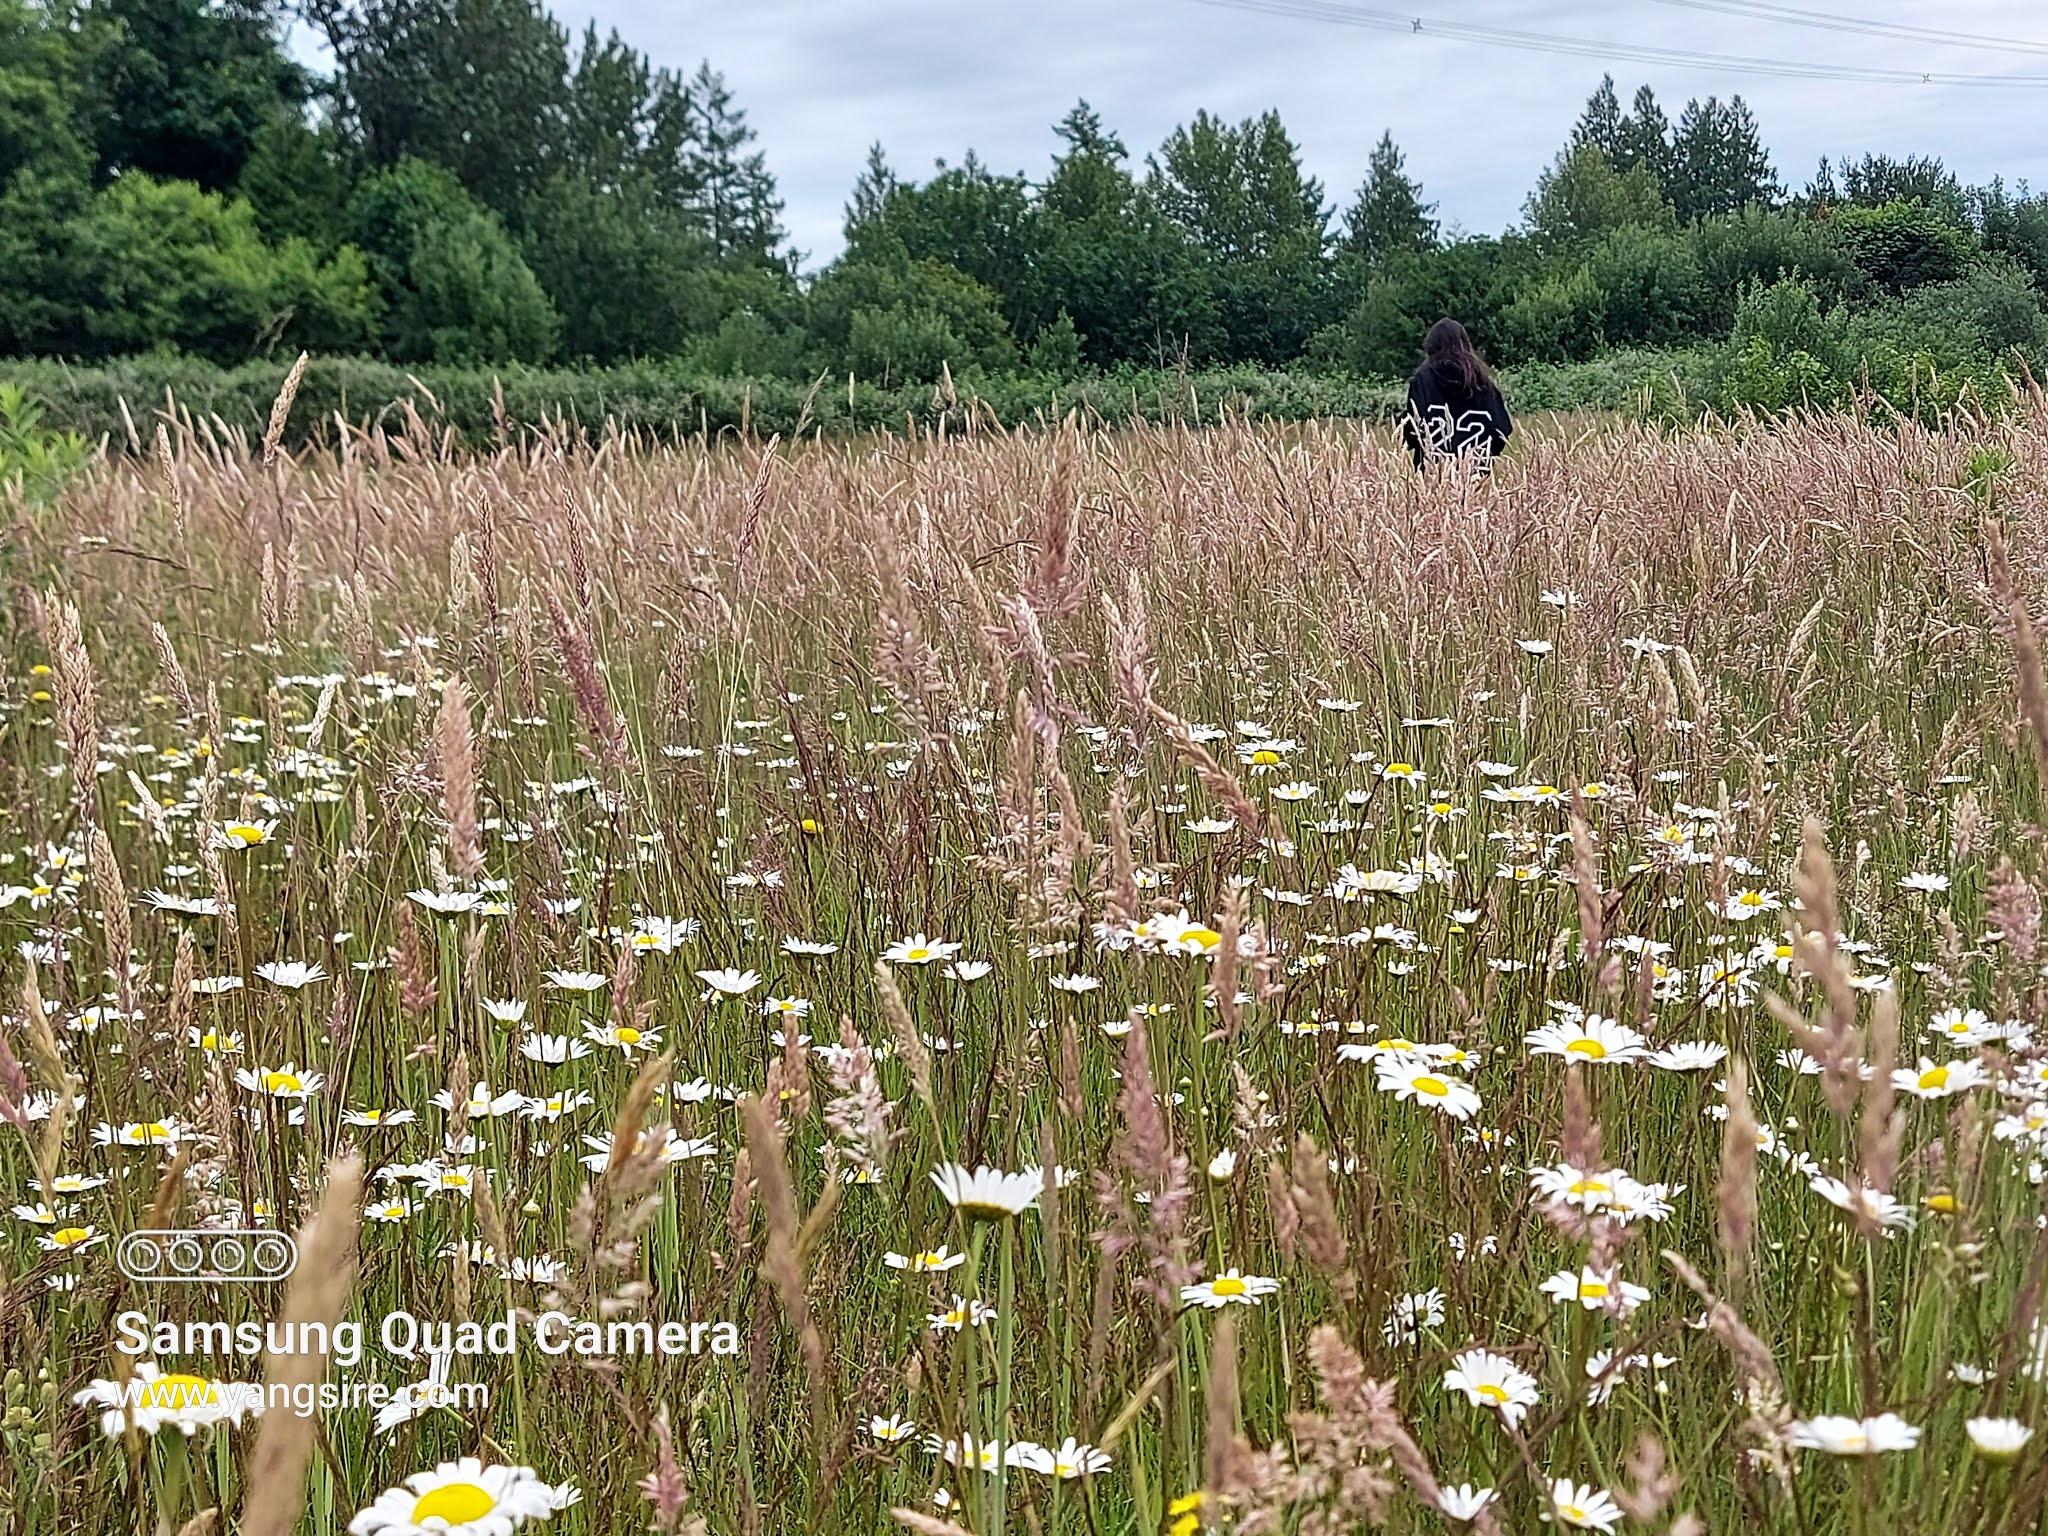 Daisy's field